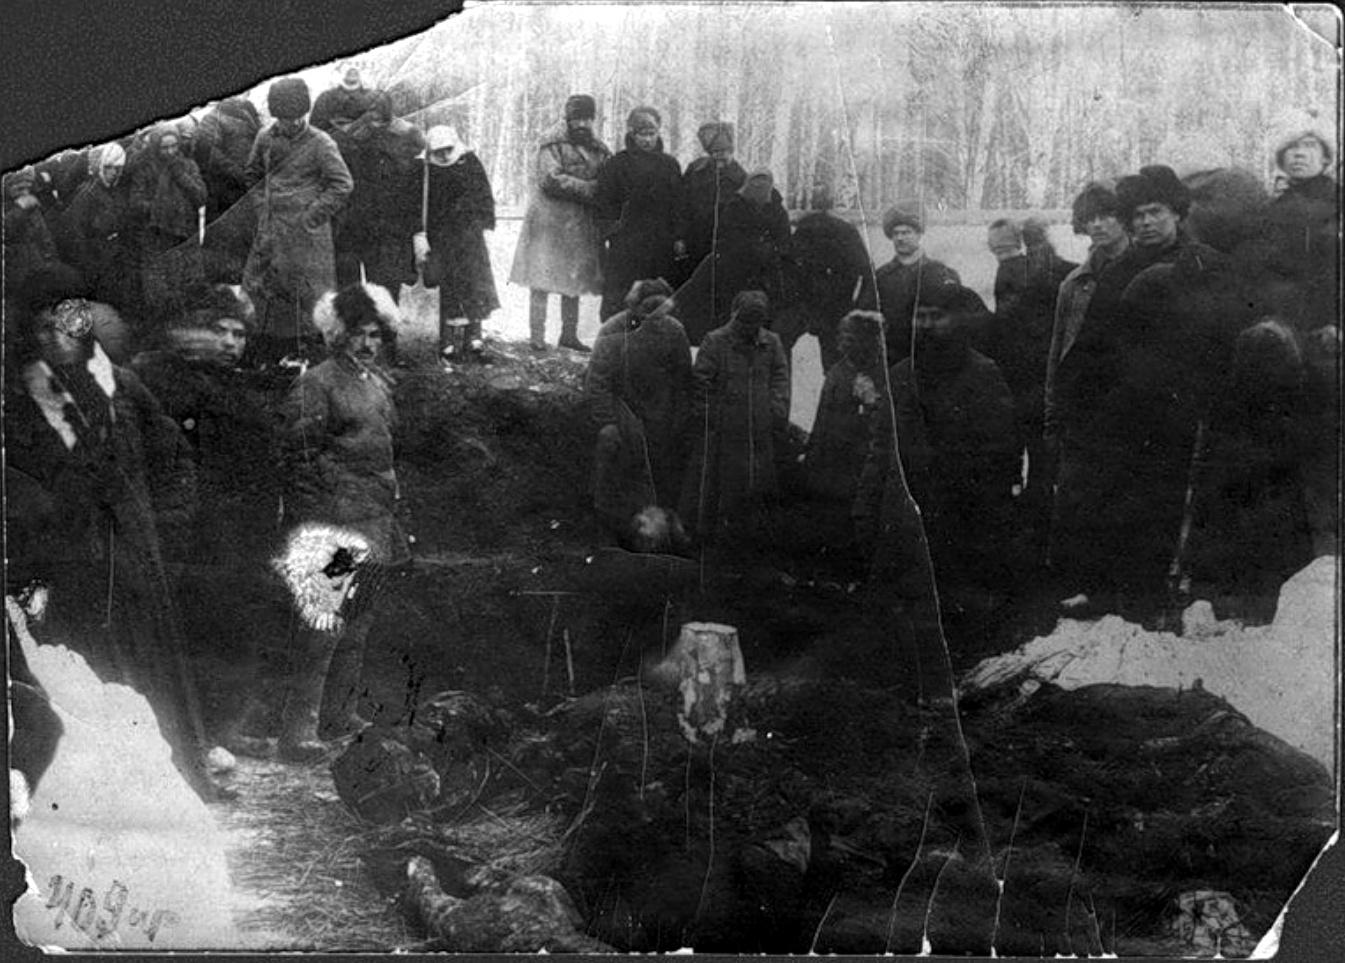 raskopki-mogily-v-kotoroi-pogrebeny-zhertvy-kolchakovskih-repressii-marta-1919-goda-tomsk-1920-g-png